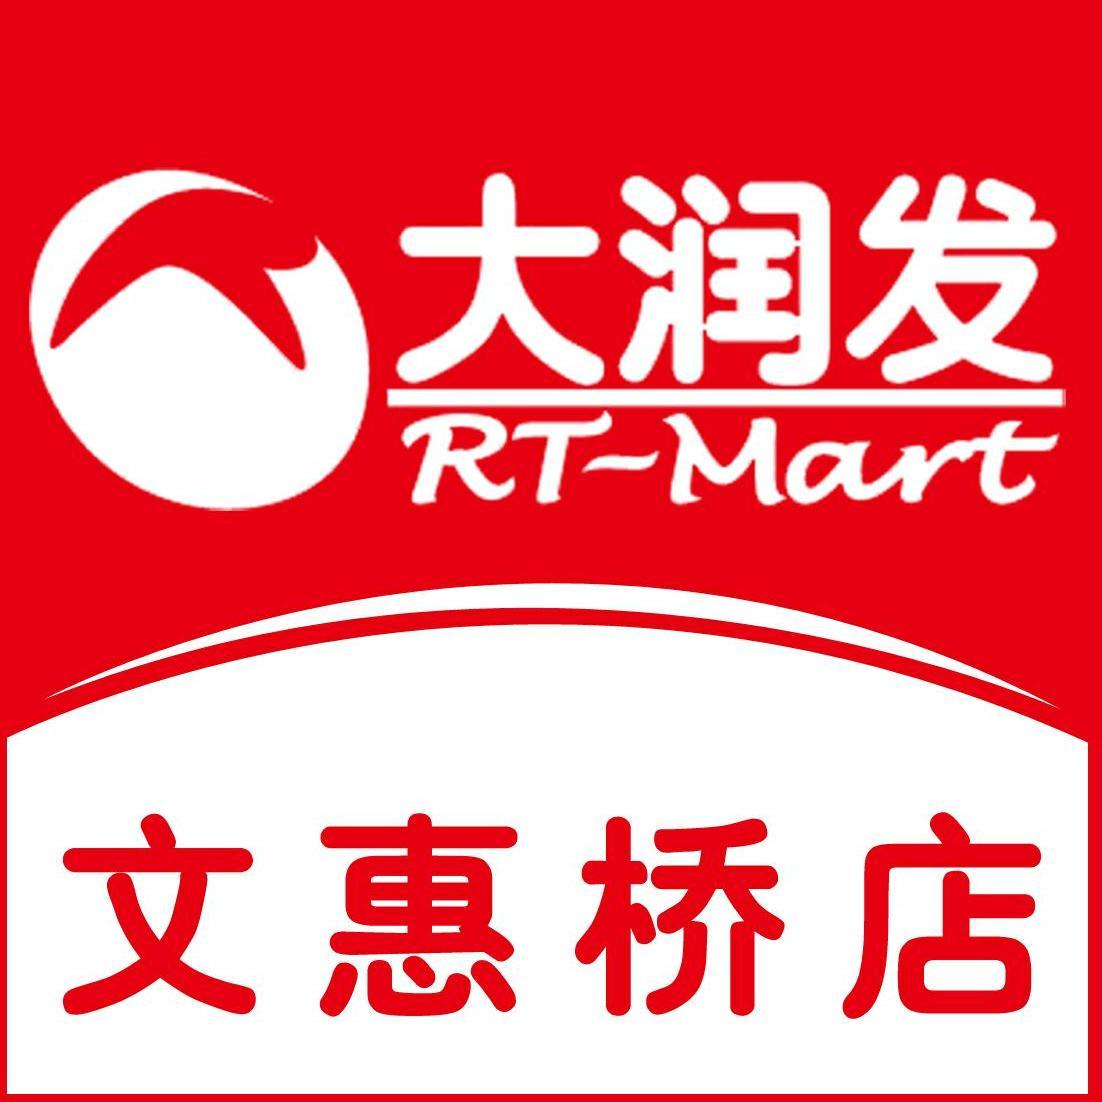 【大潤發】柳州大潤發商業有限公司招聘:公司標志 logo